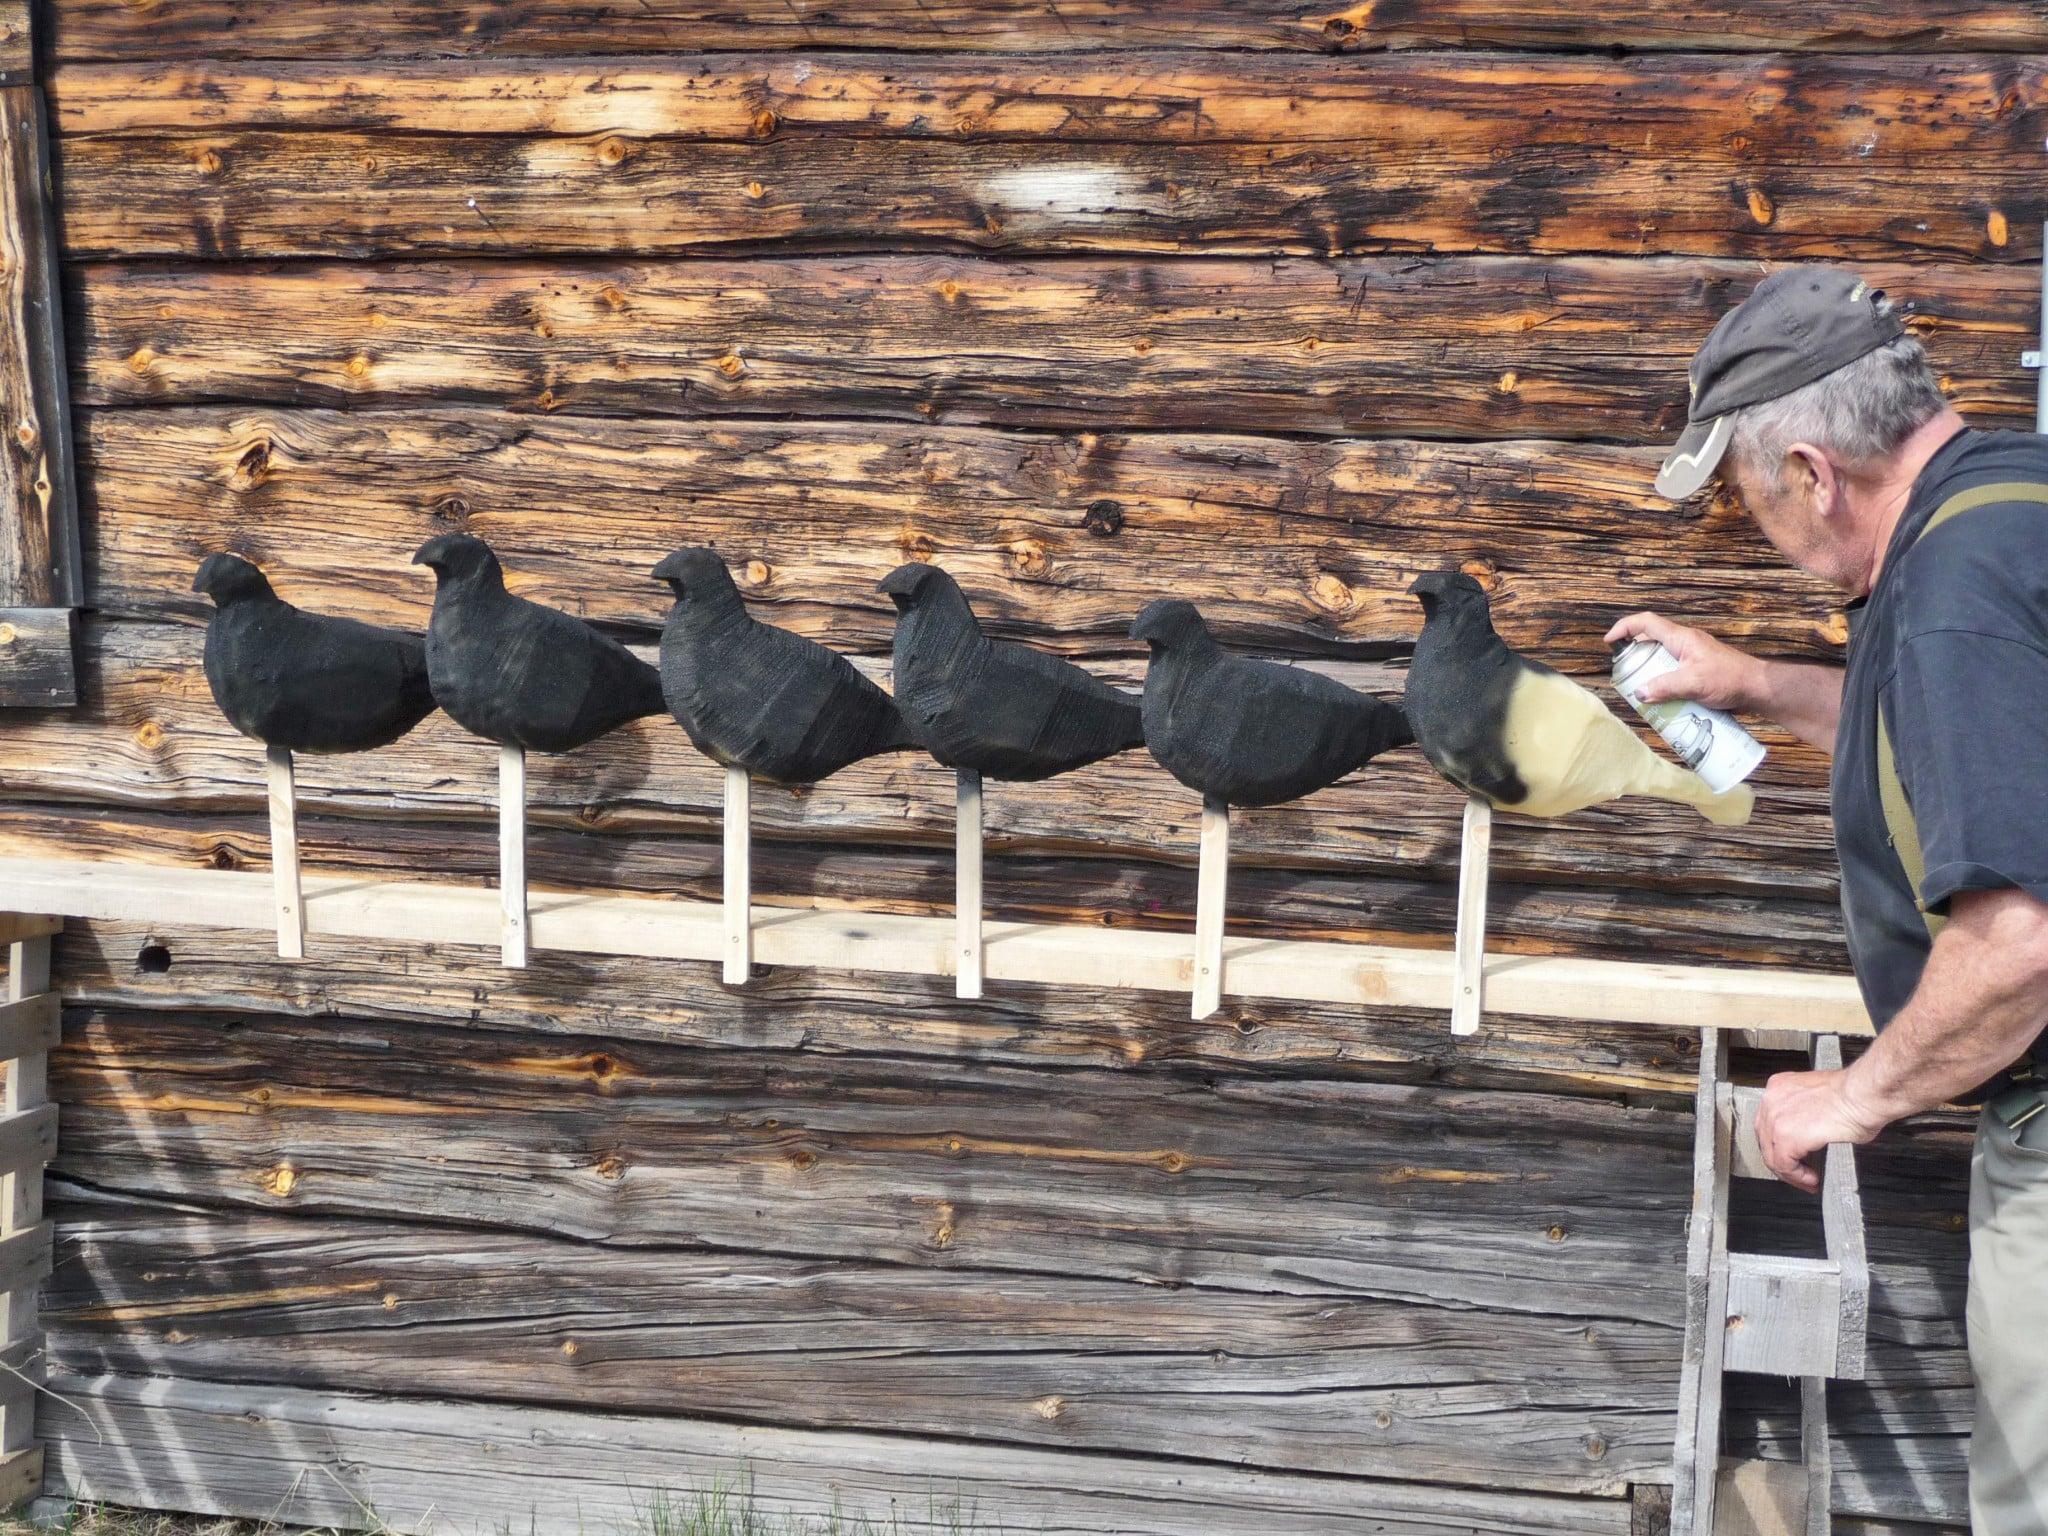 Bulvanerna borde egentligen sprayas med blå färg, men det är svårt att hitta lämplig nyans. Dessutom förefaller, som tidigare nämnts, den svarta färgen godtas av både orrar och duvhökar. Dock bör man följa rekommendationen på sprayburkarna och sörja för god luftväxling. Foto: Leif Lindqvist